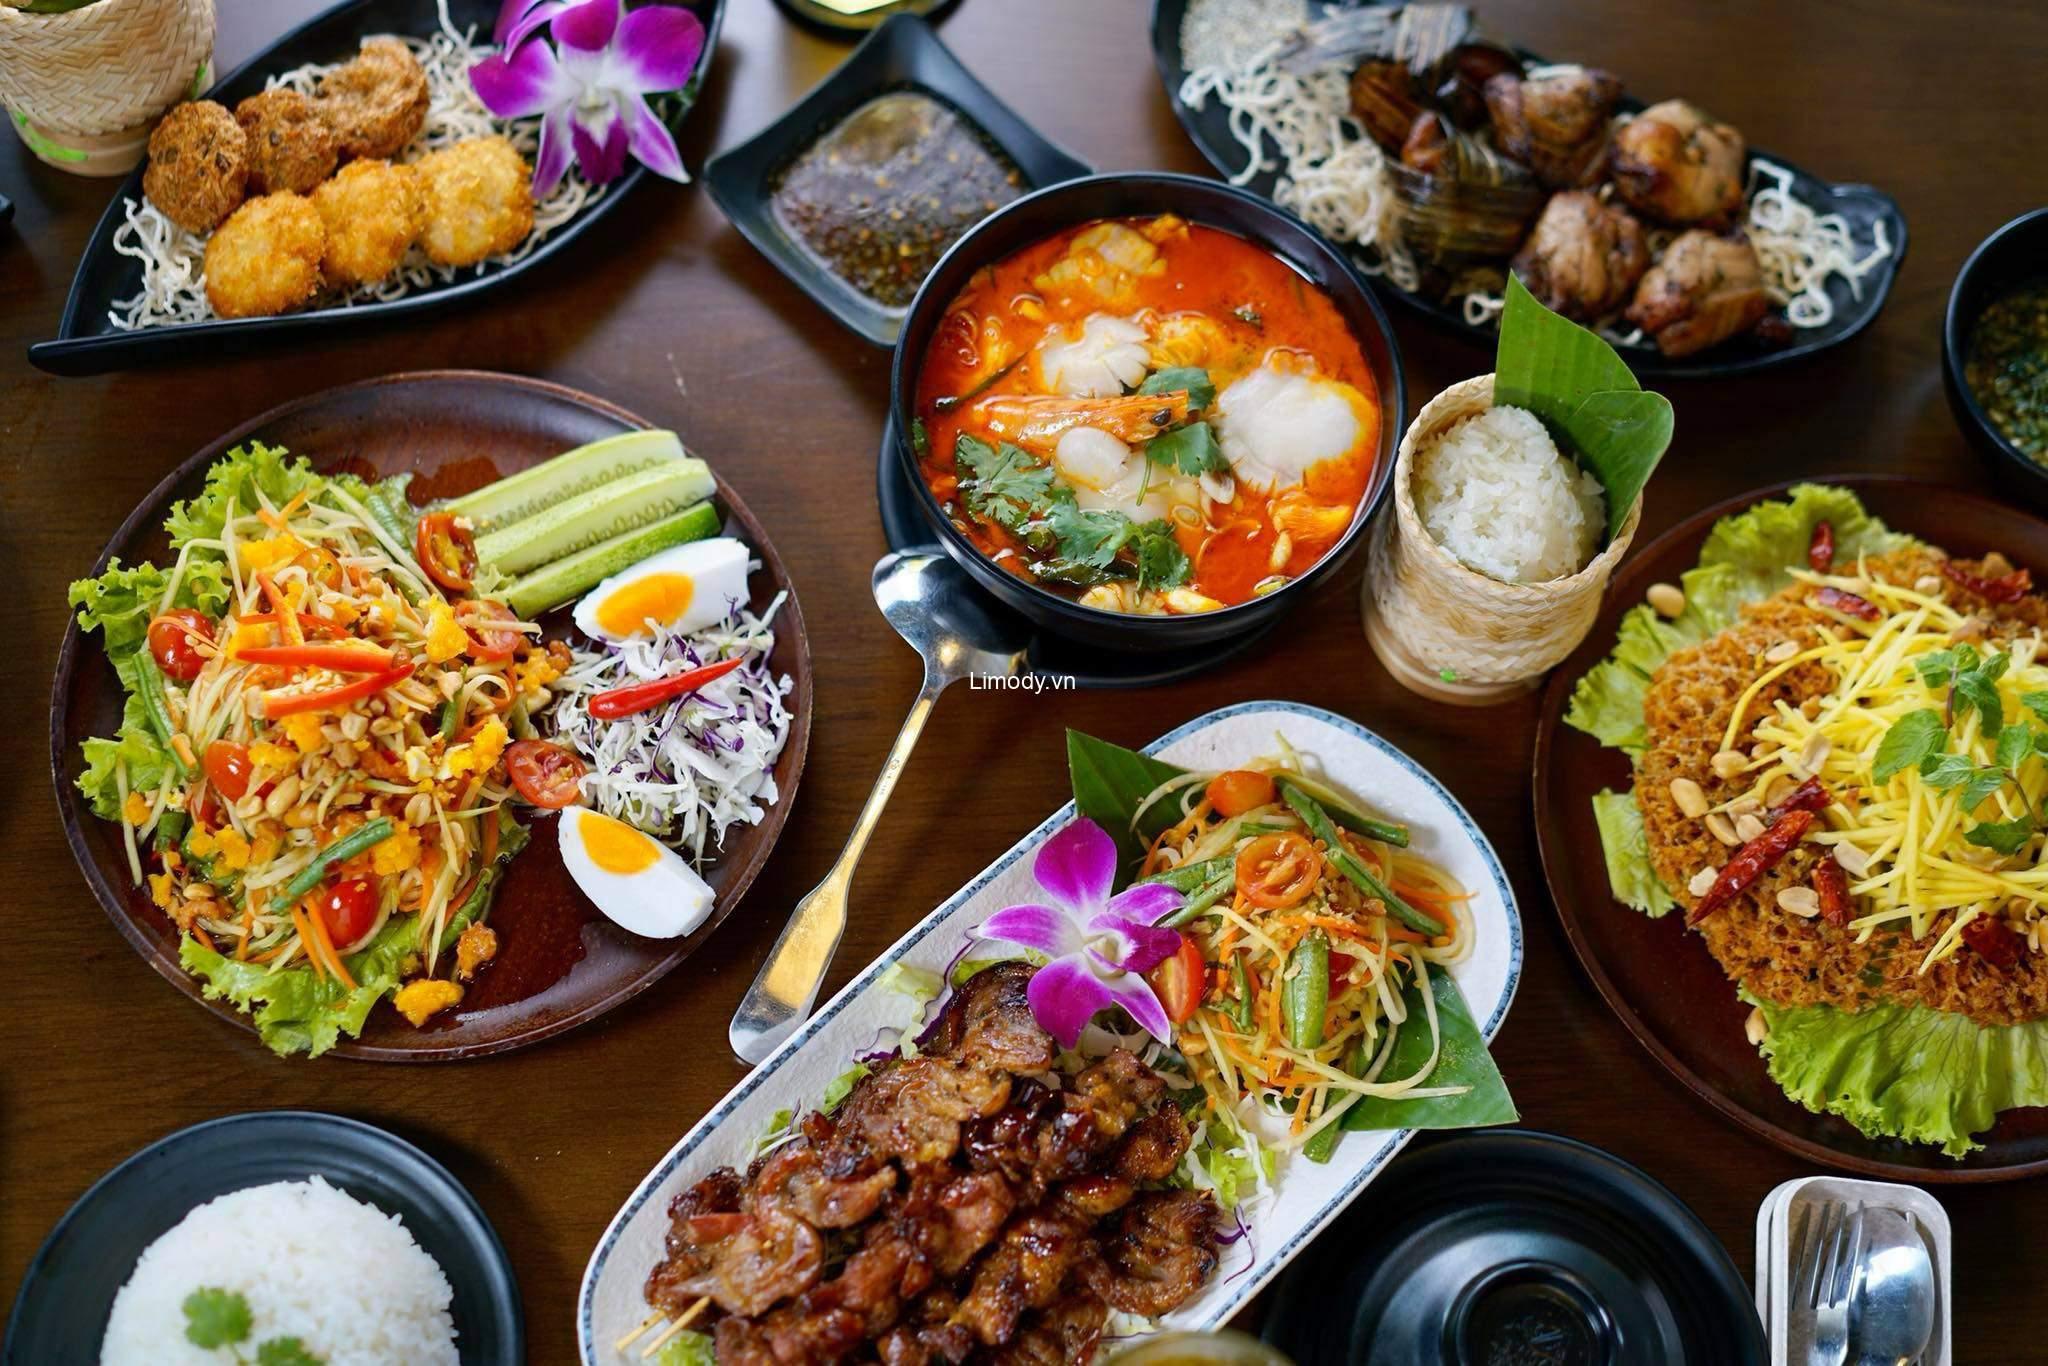 Top 20 Món ngon + nhà hàng quán ăn ngon quận 4 giá rẻ nổi tiếng nhất